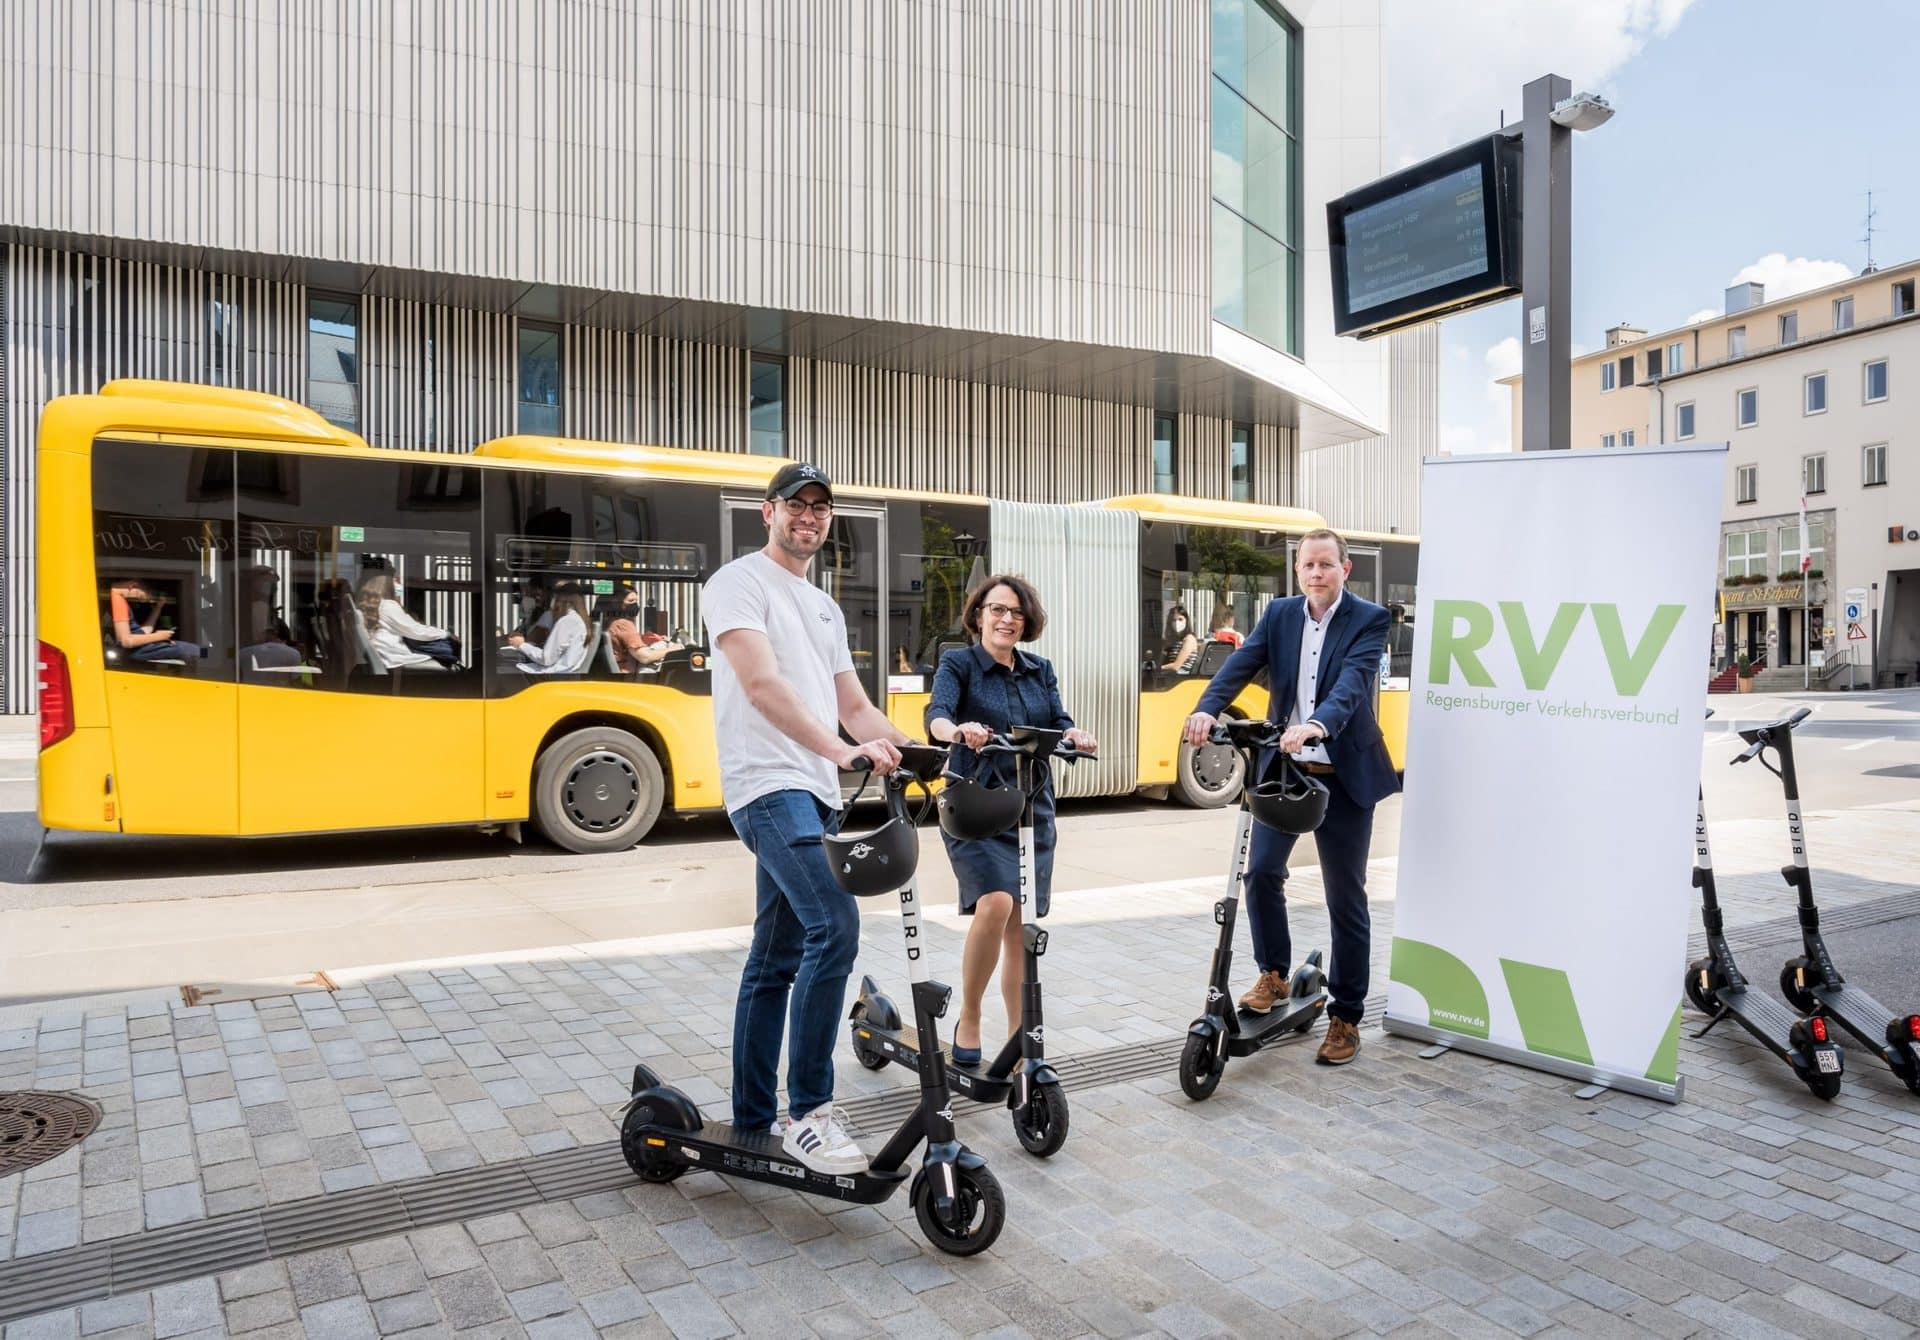 Mehr Mobilität in der RVV-App Standortanzeige und Sondertarife für E-Scooter von Bird